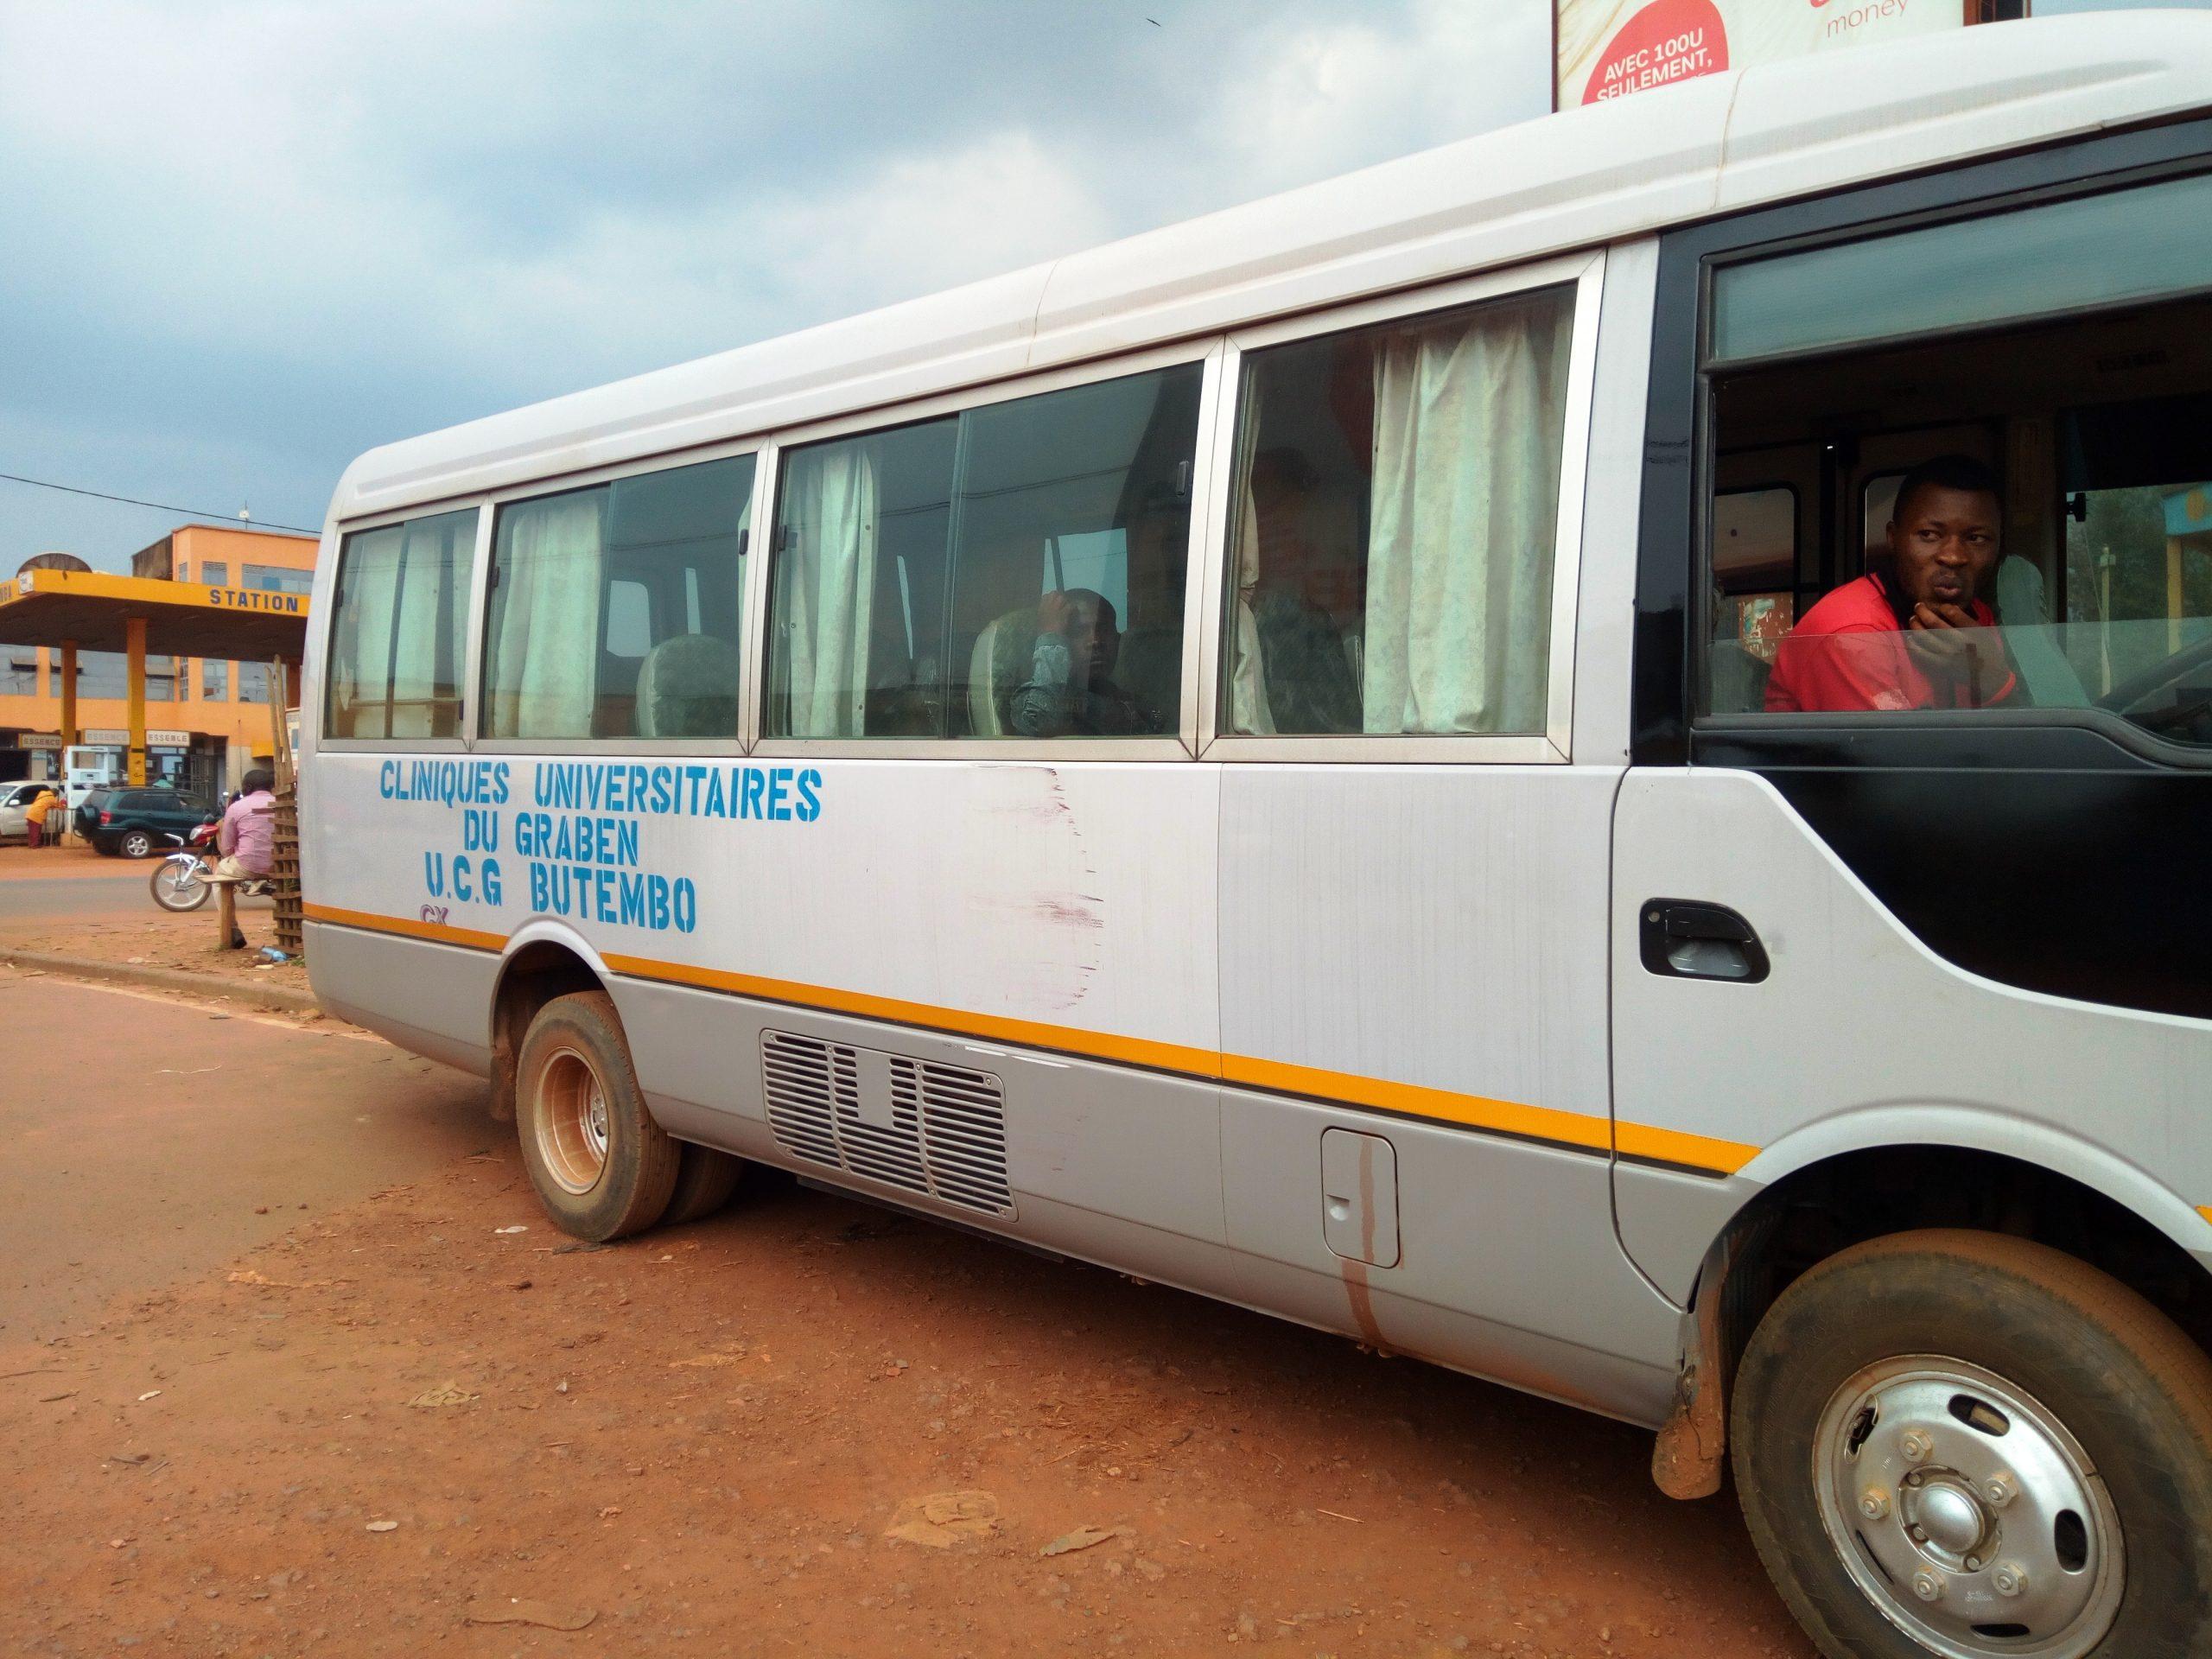 Butembo : Les Cliniques Universitaires du Graben se dotent d'un muni bus en faveur des patients et autes